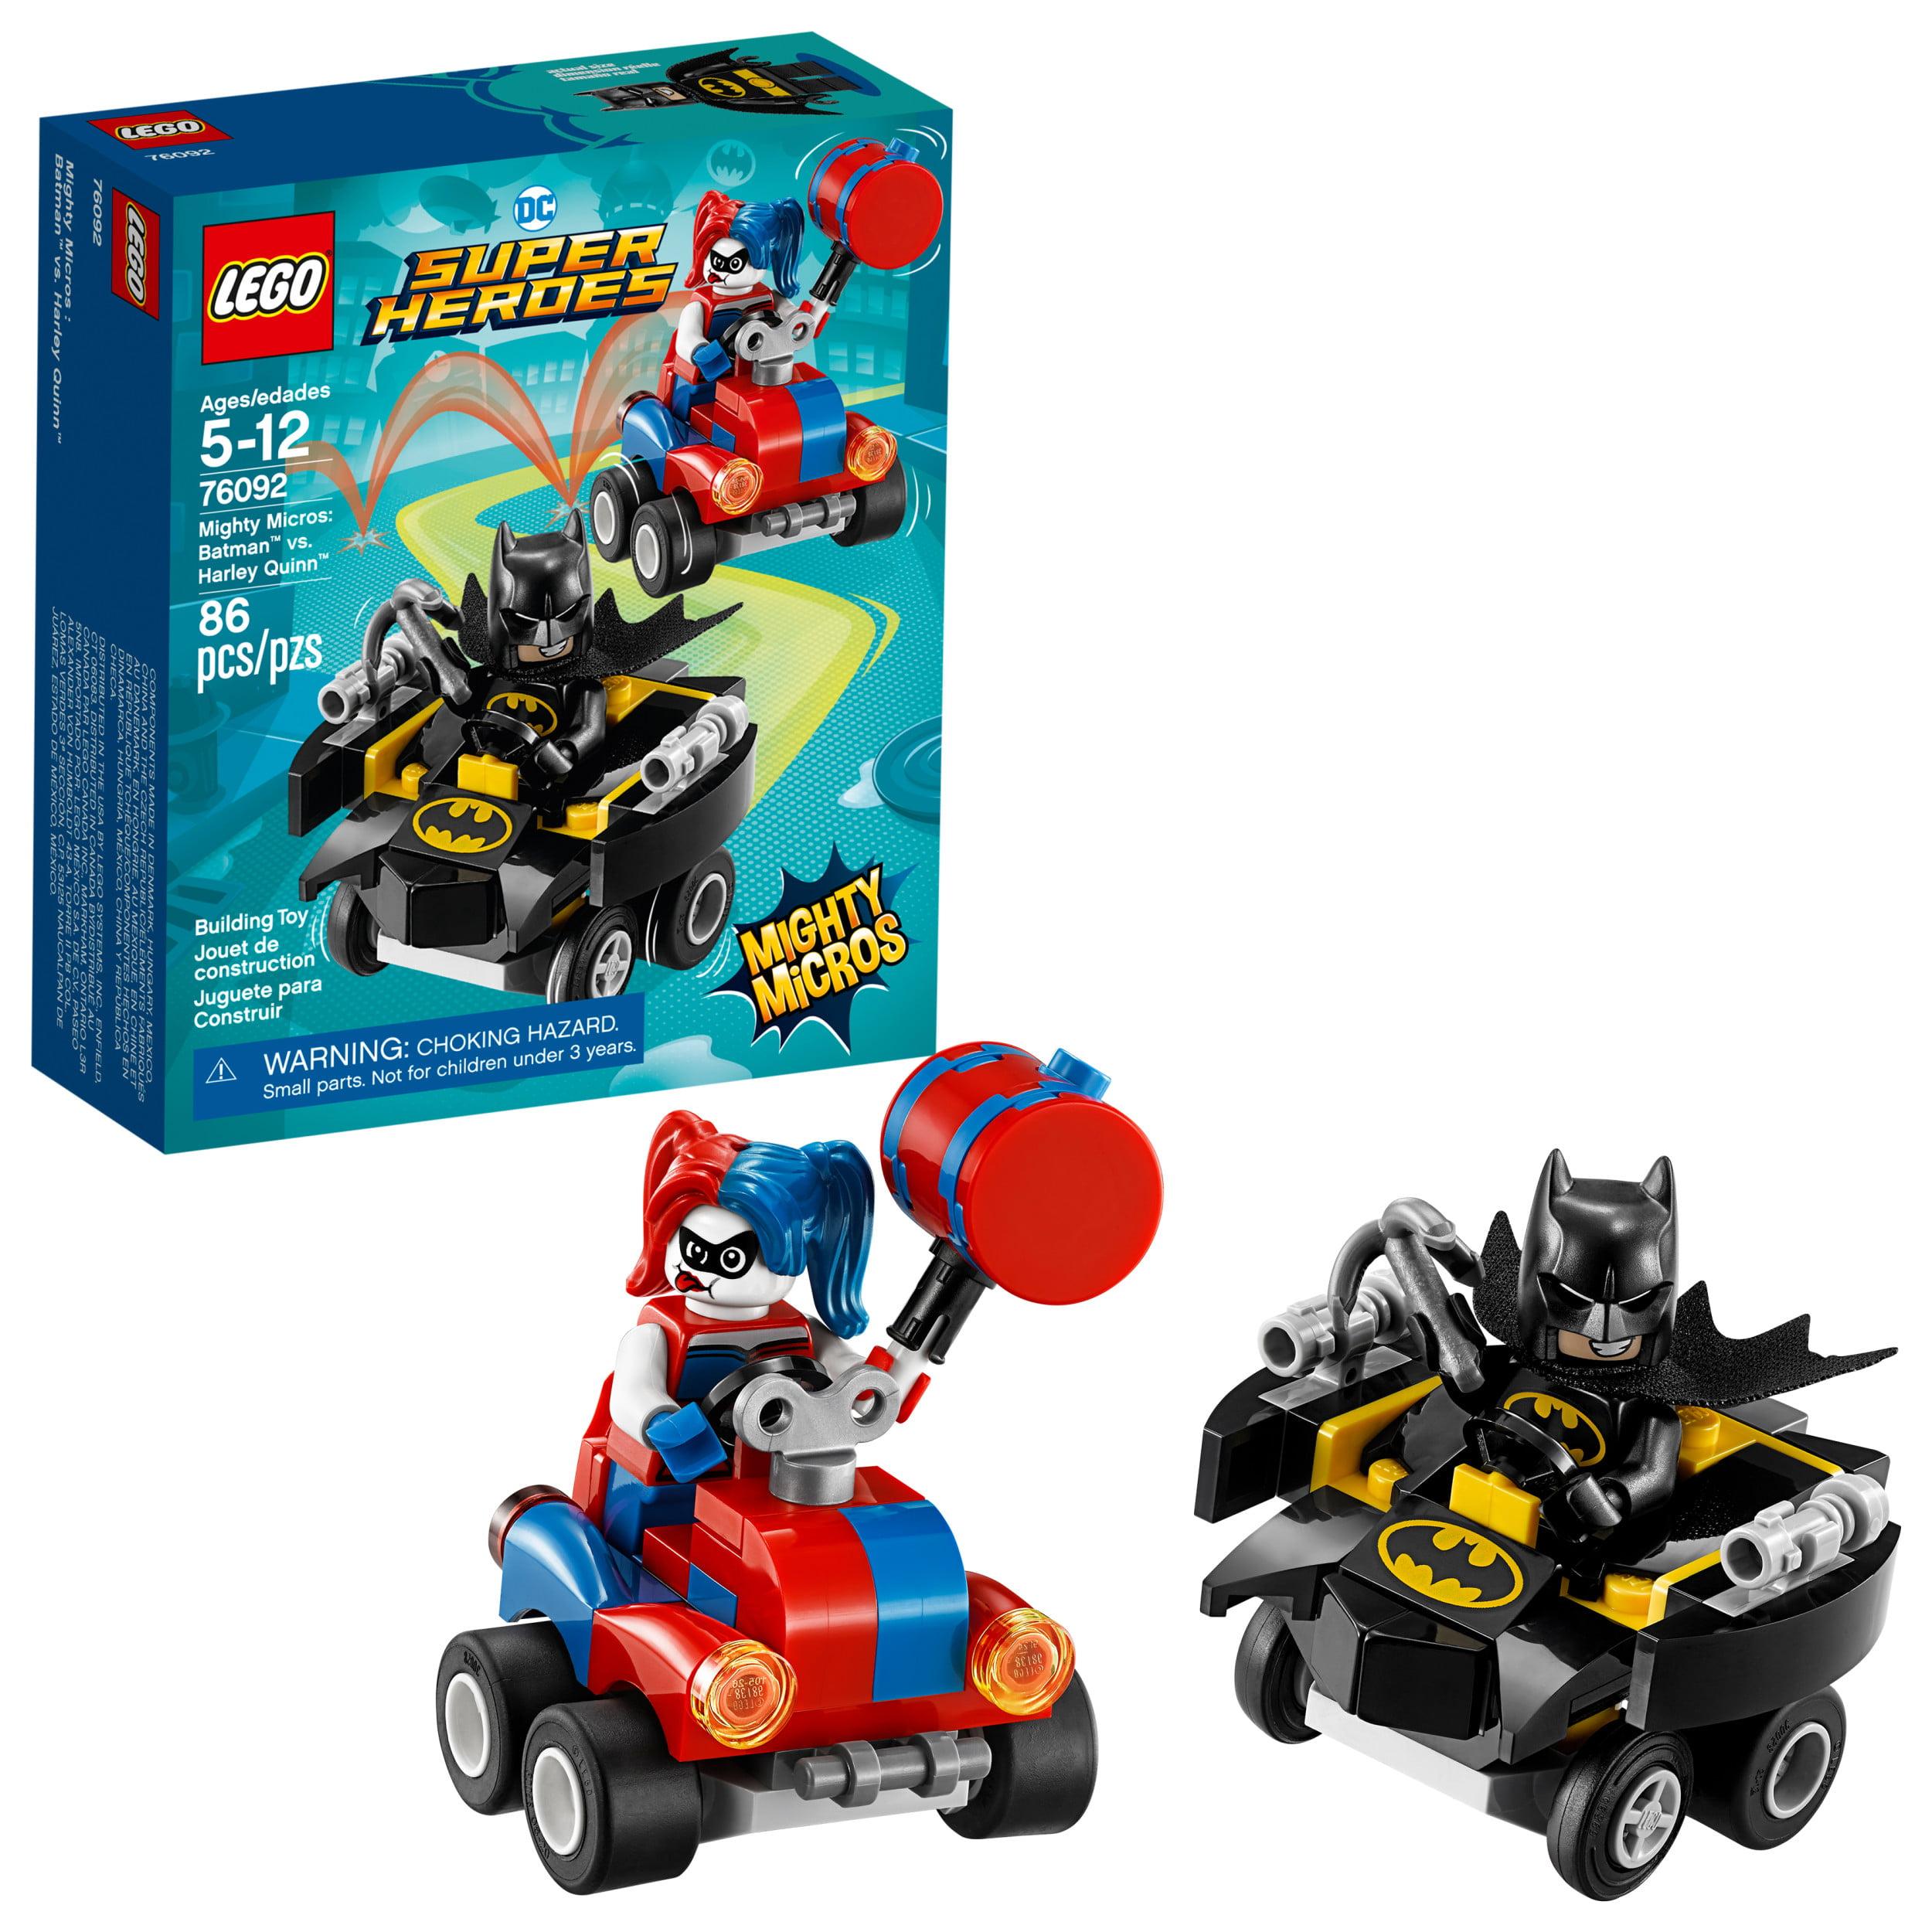 Lego Super Heroes Mighty Micros: Batman vs. Harley Quinn 76092 by LEGO System Inc